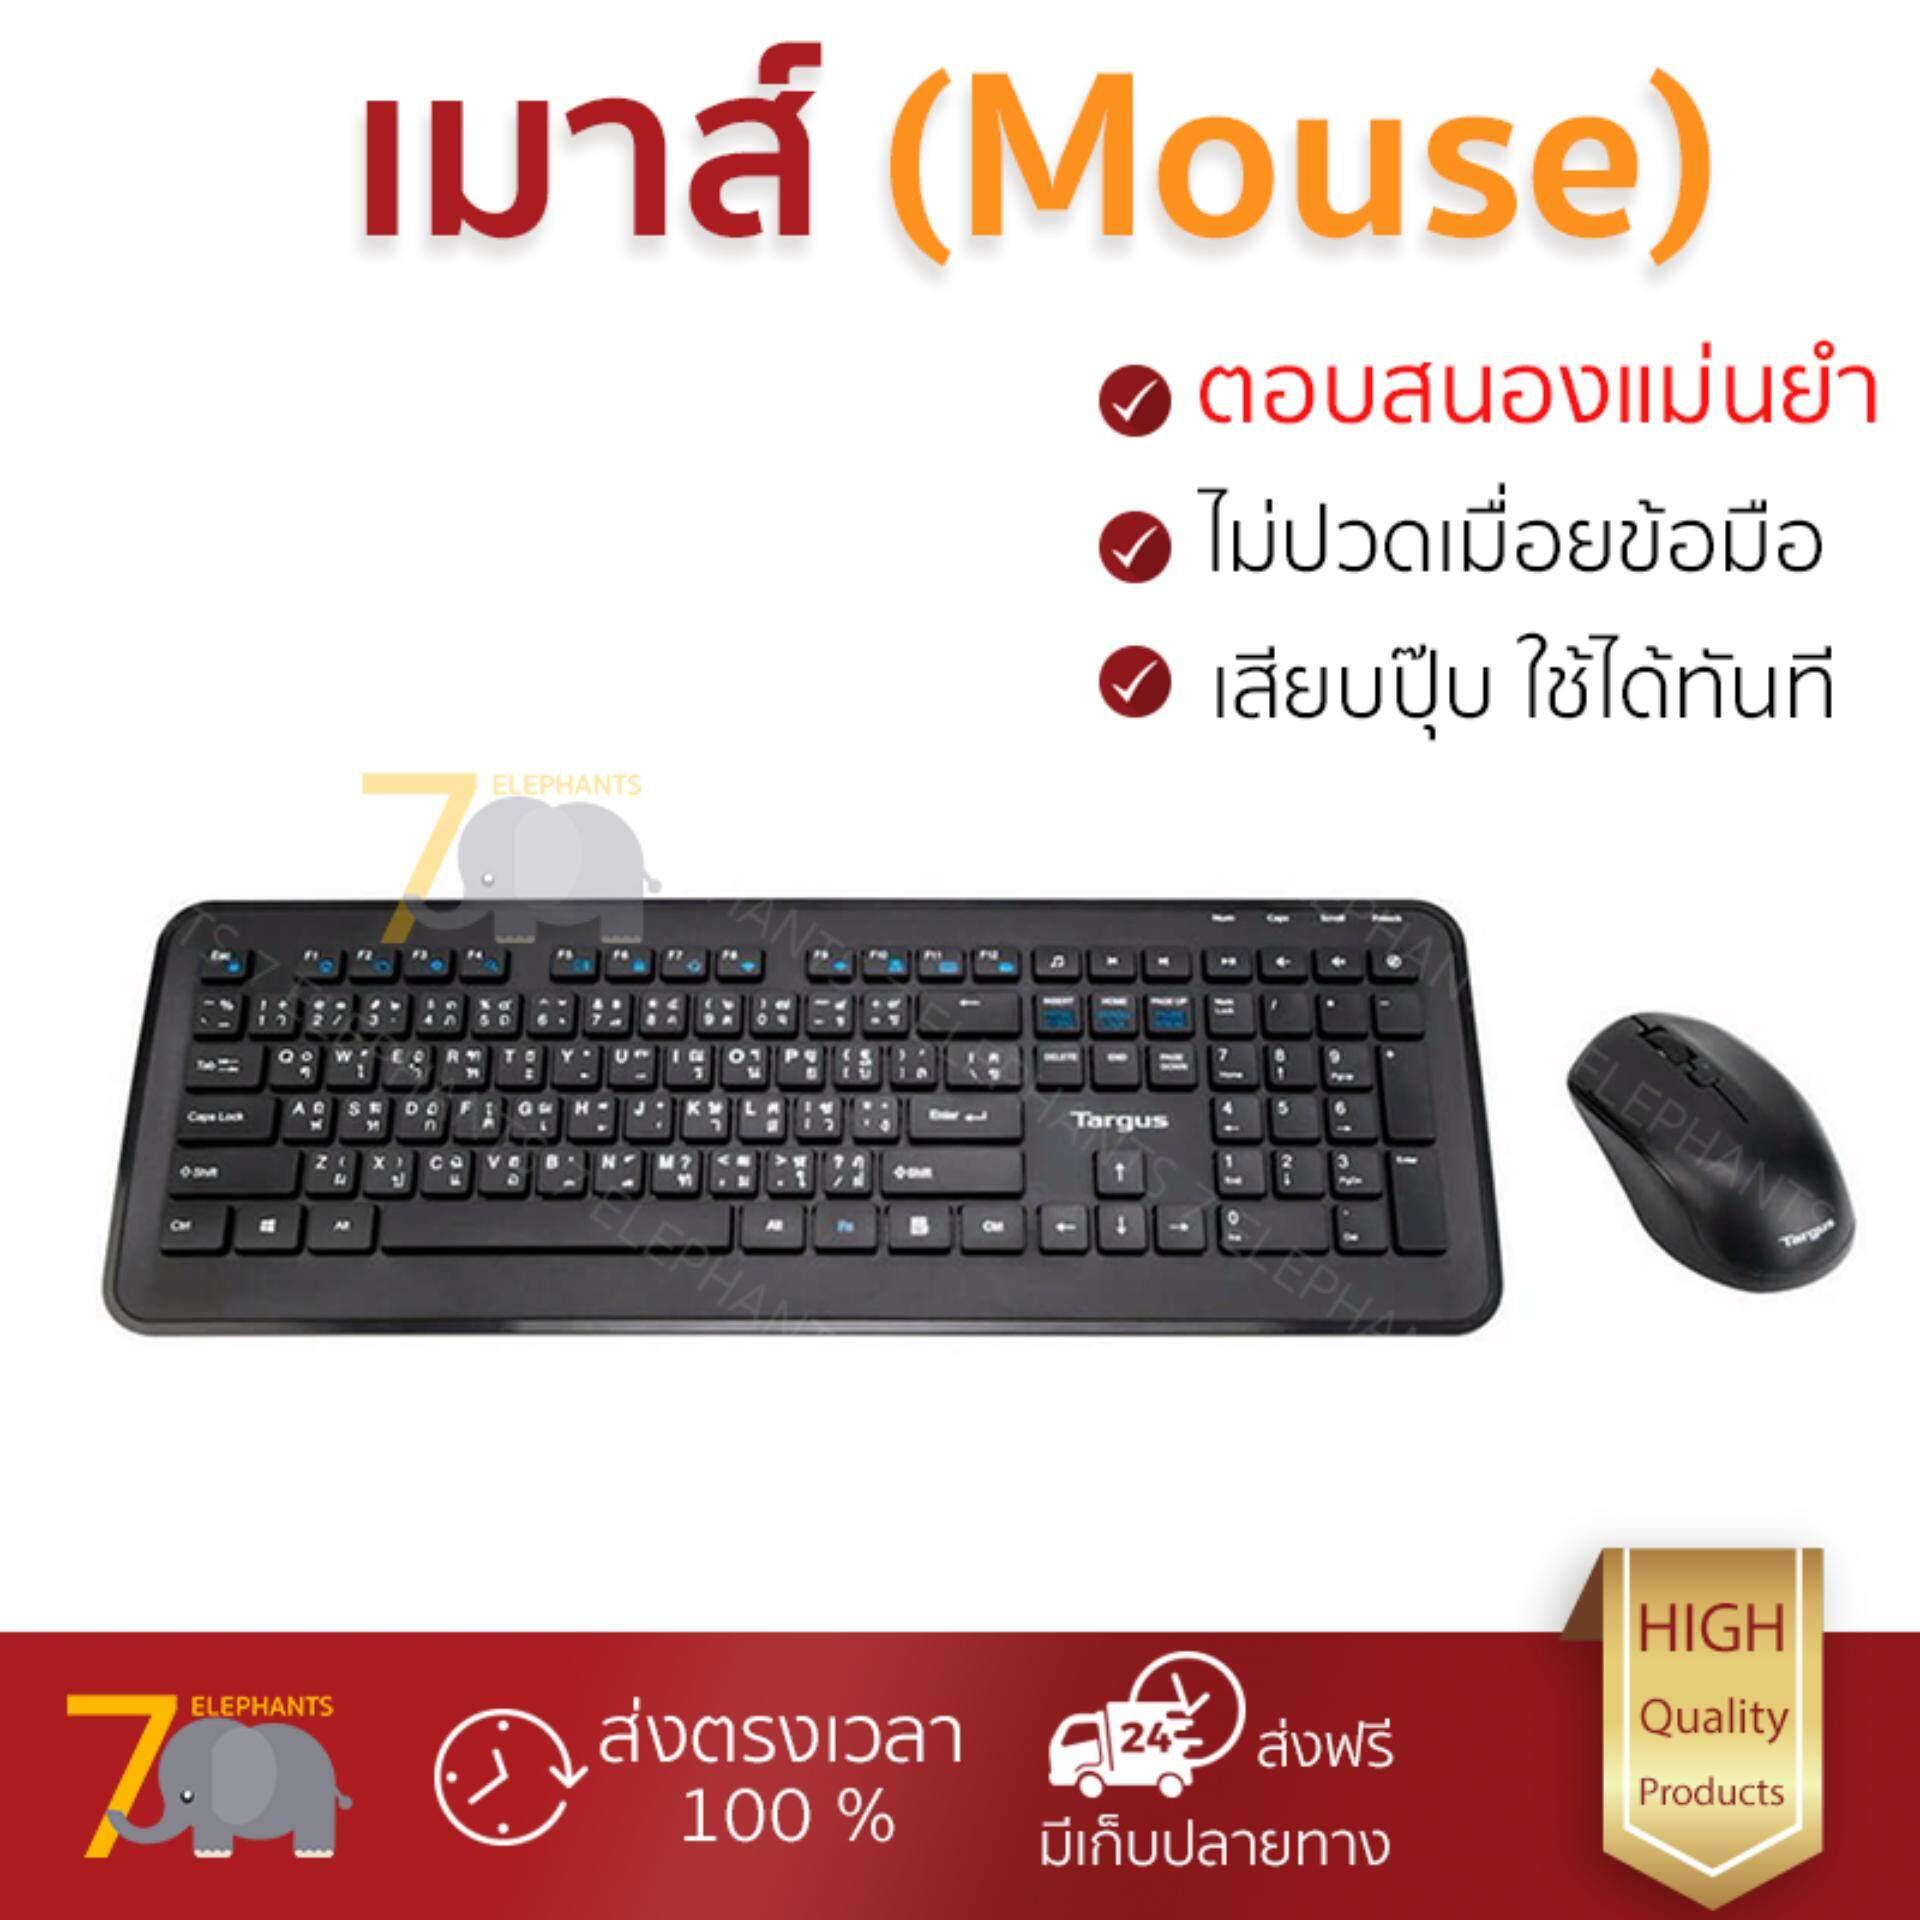 เก็บเงินปลายทางได้ รุ่นใหม่ล่าสุด เมาส์           TARGUS Wireless Keyboard+Wireless Mouse (Black) AKM610TH              เซนเซอร์คุณภาพสูง ทำงานได้ลื่นไหล ไม่มีสะดุด Computer Mouse  รับประกันสินค้า 1 ป